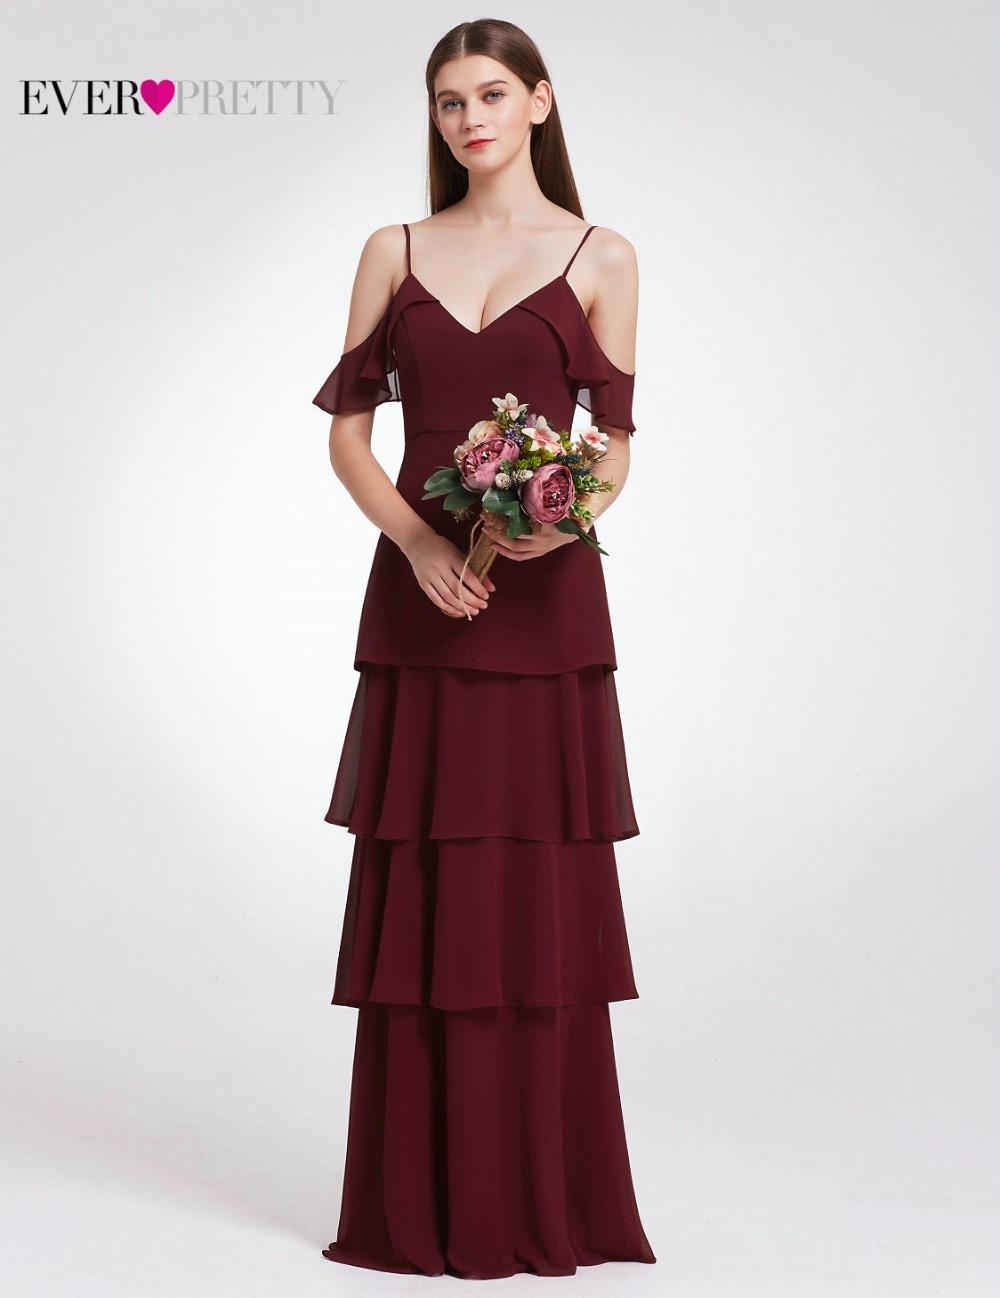 [해외]적 예쁜 여자 우아한 섹시한 긴 들러리 드레스 시폰 V 넥 안주인 공식 결혼식 파티 들러리 드레스/Ever Pretty Women Elegant Sexy Long Bridesmaid Dresses Chiffon V Neck Backless Formal Weddi